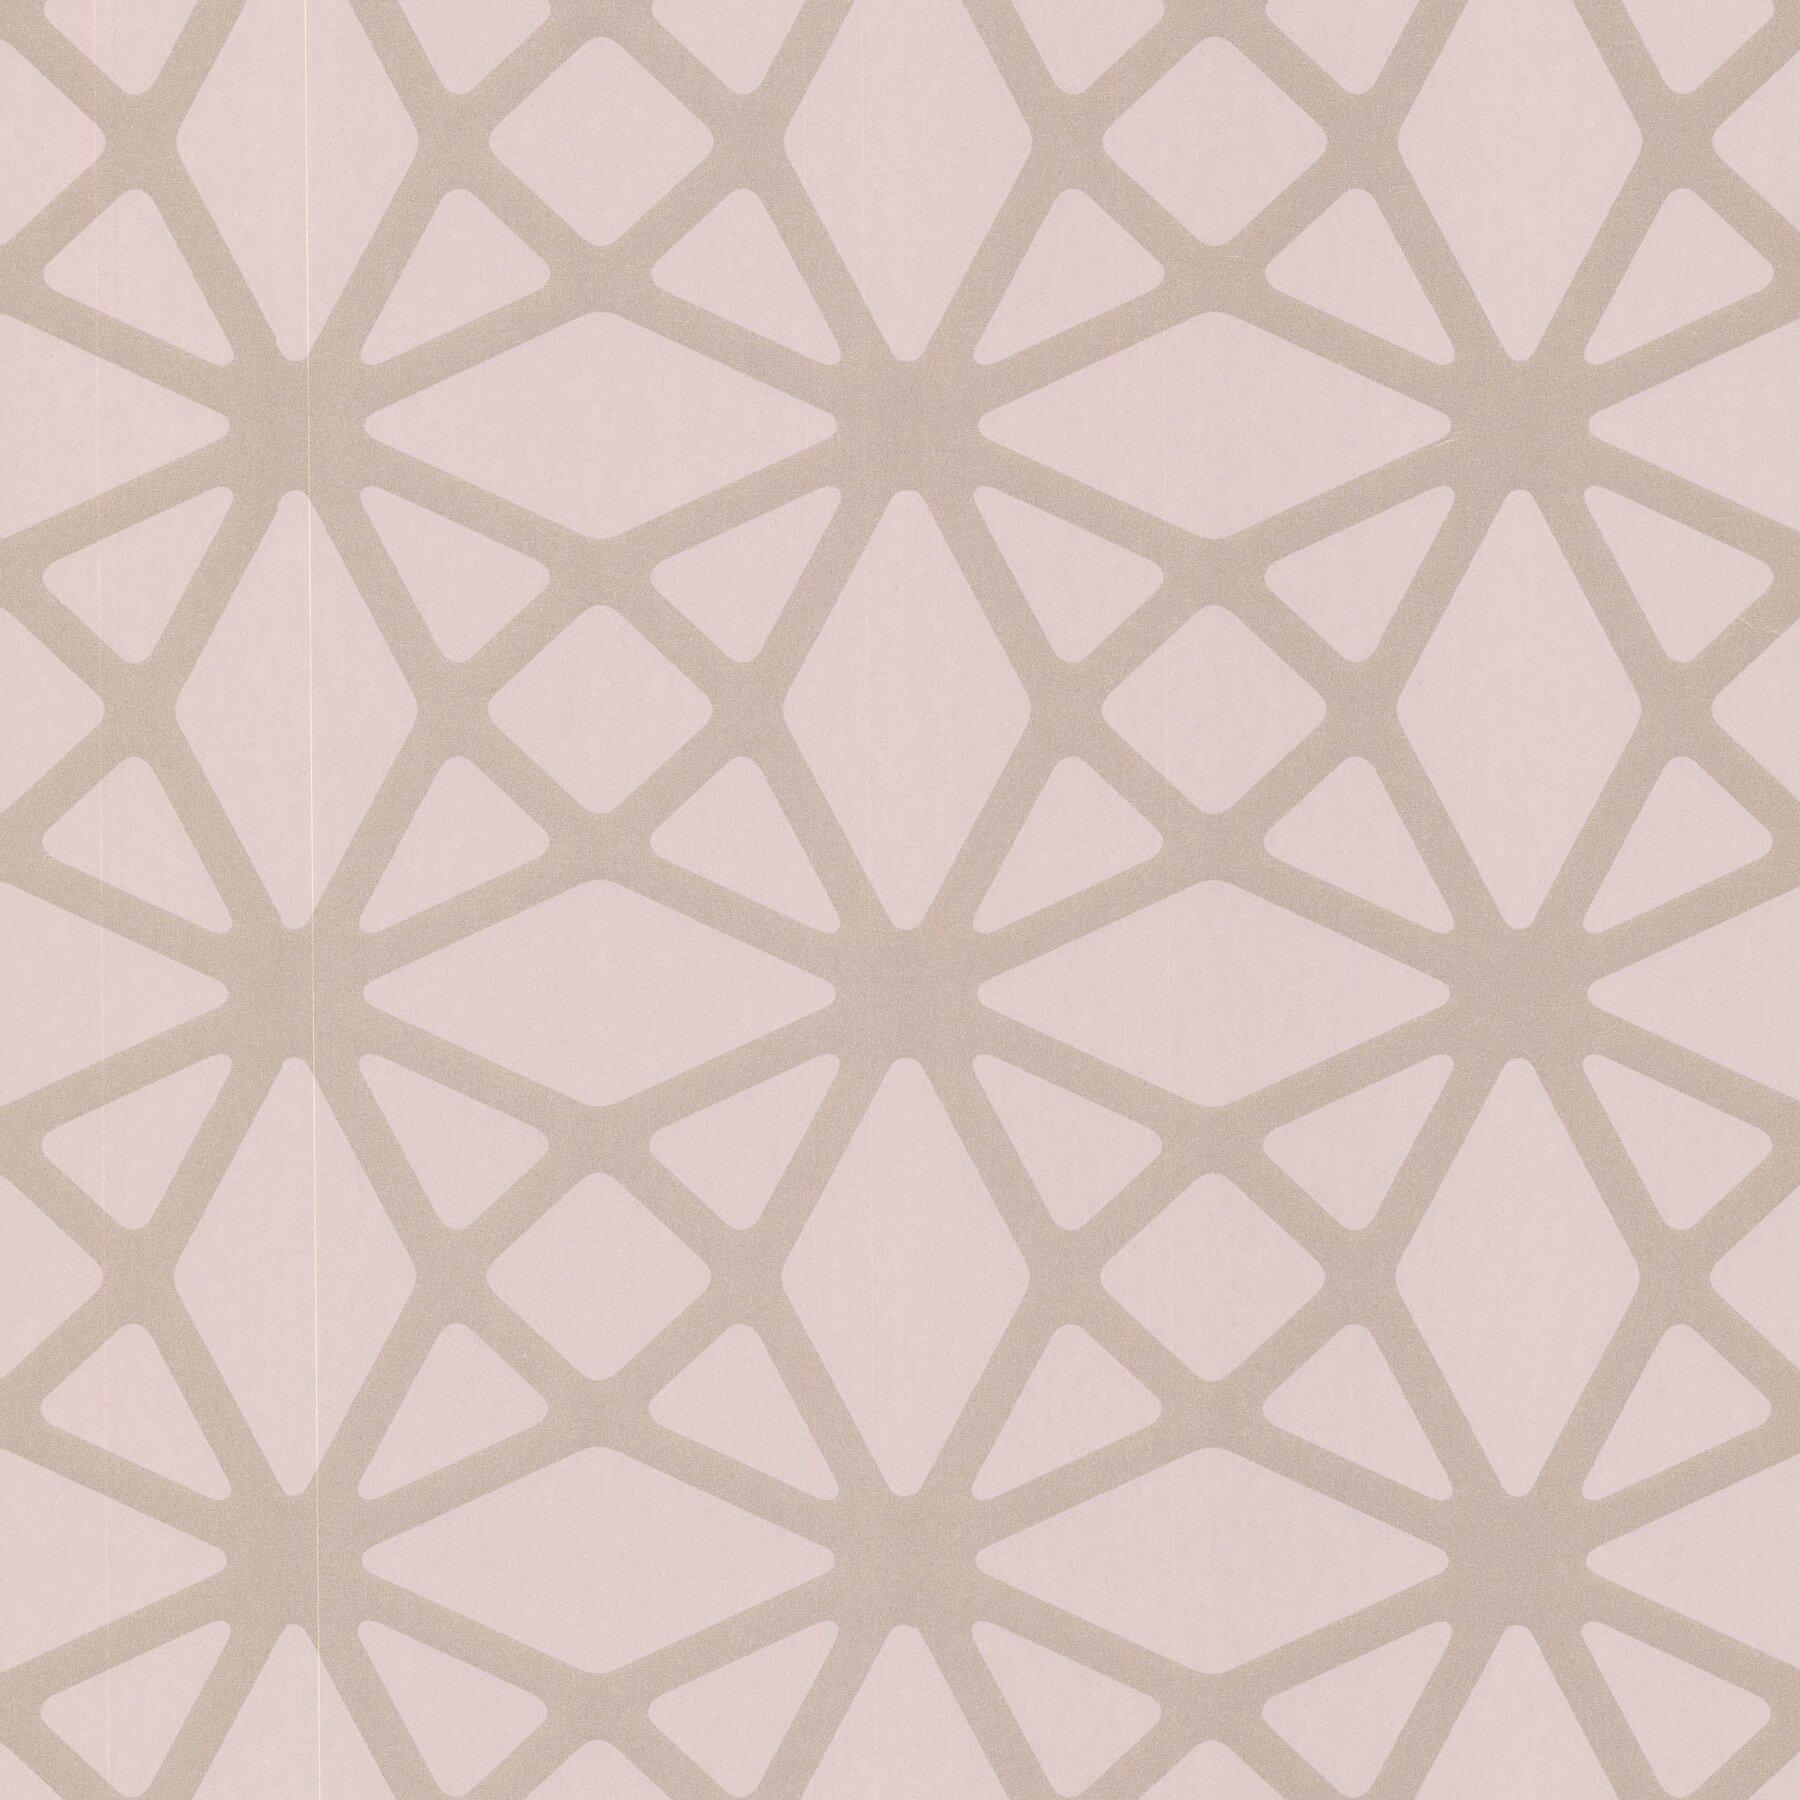 Lattice Wallpaper: Brewster Home Fashions Geo Enterprise Lattice 33' X 20.5